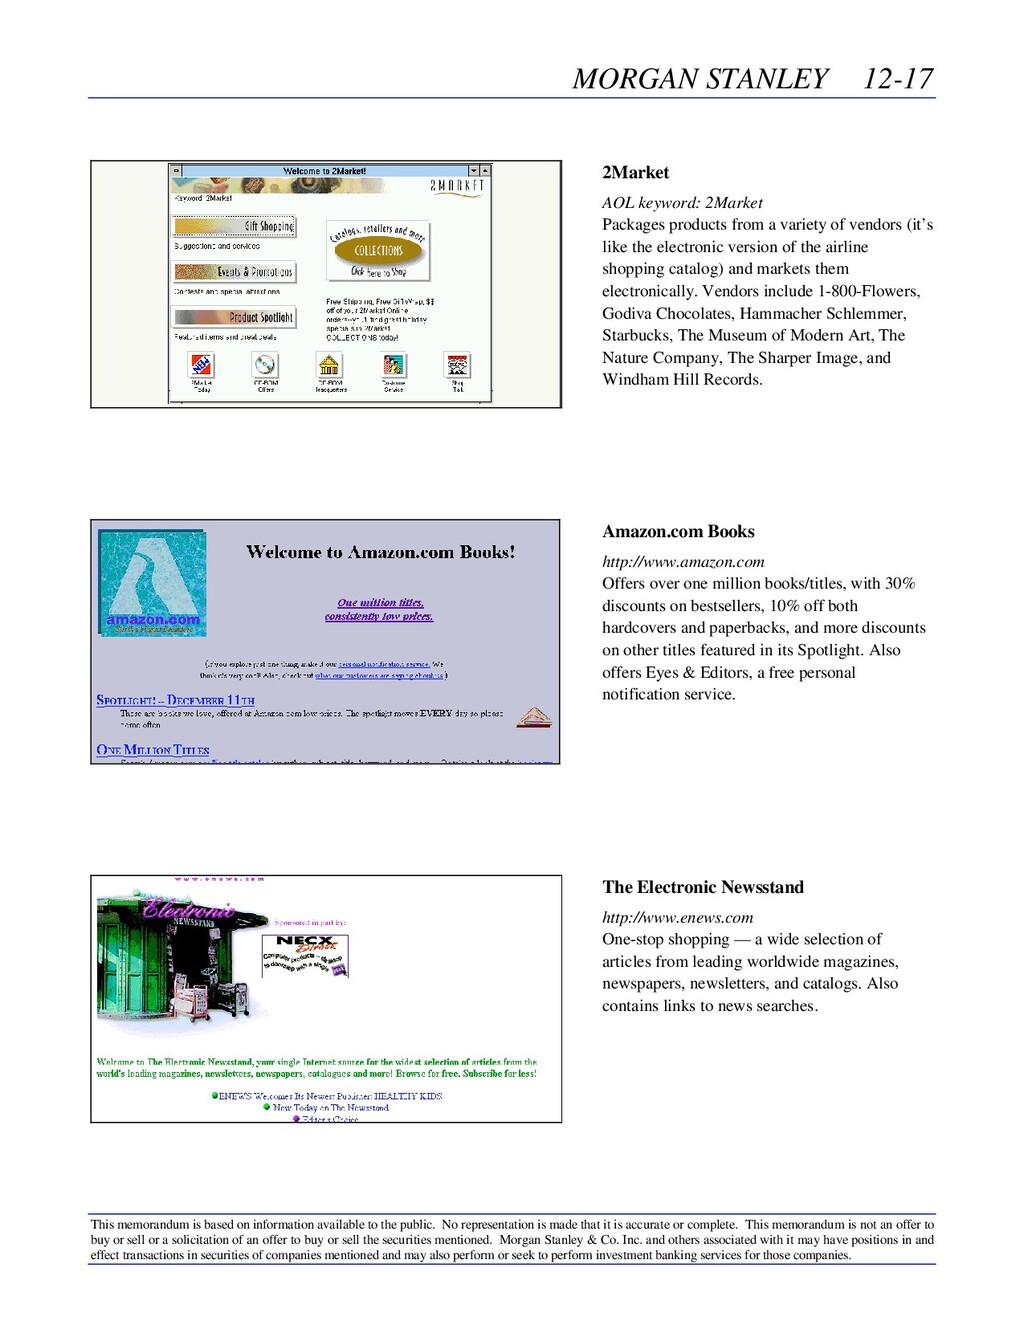 MORGAN STANLEY 12-17 This memorandum is based o...